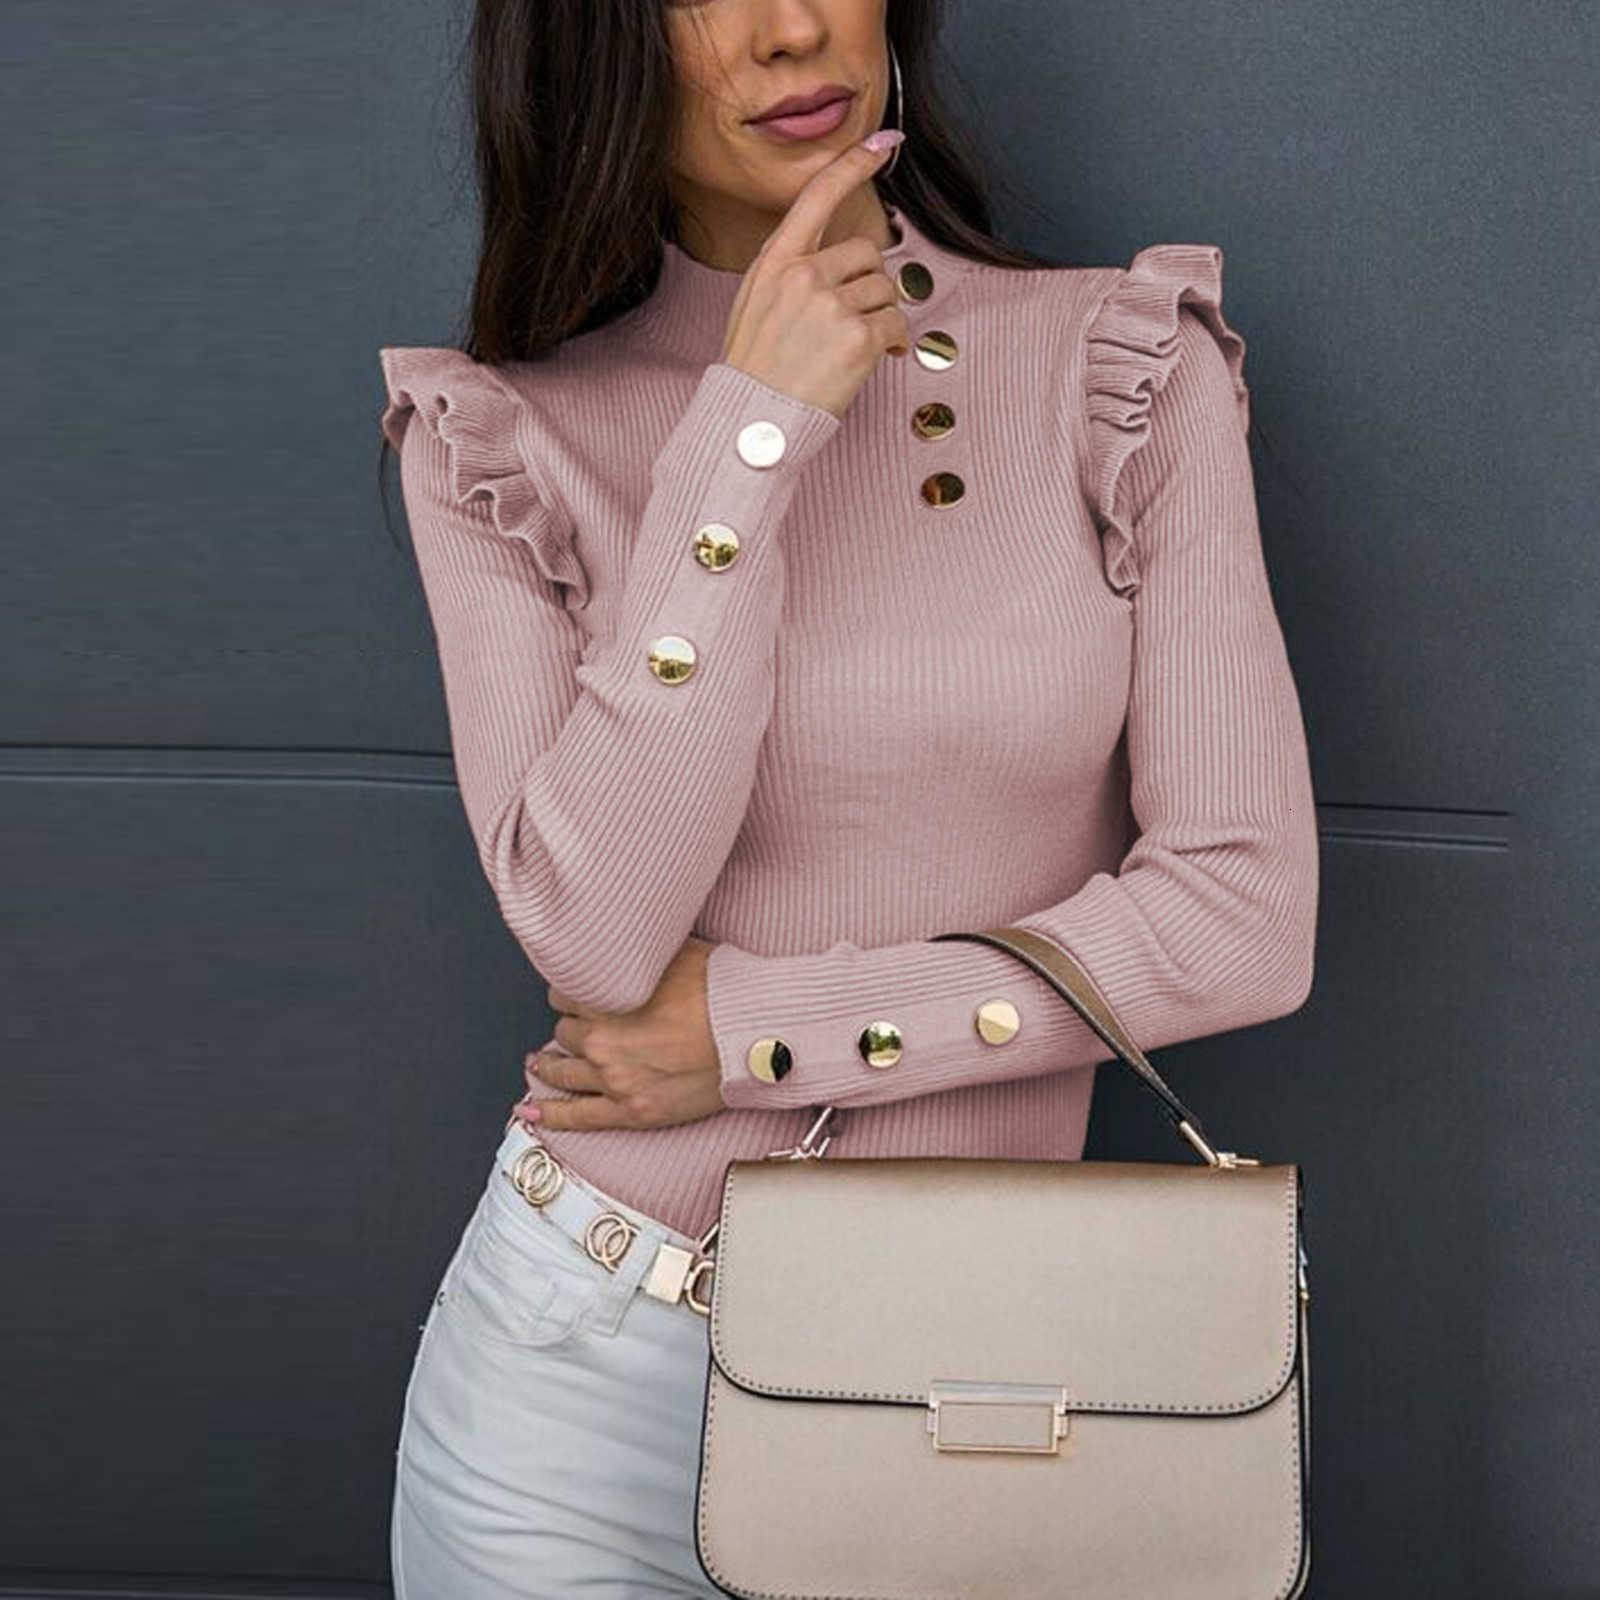 4 # 2021 Spring Automne Chemises pour femmes T-shirts à manches longues Bouton à manches longues Splicing Sexy Slim Blanc Slim Bla Khaki Pullover Blouses Tops